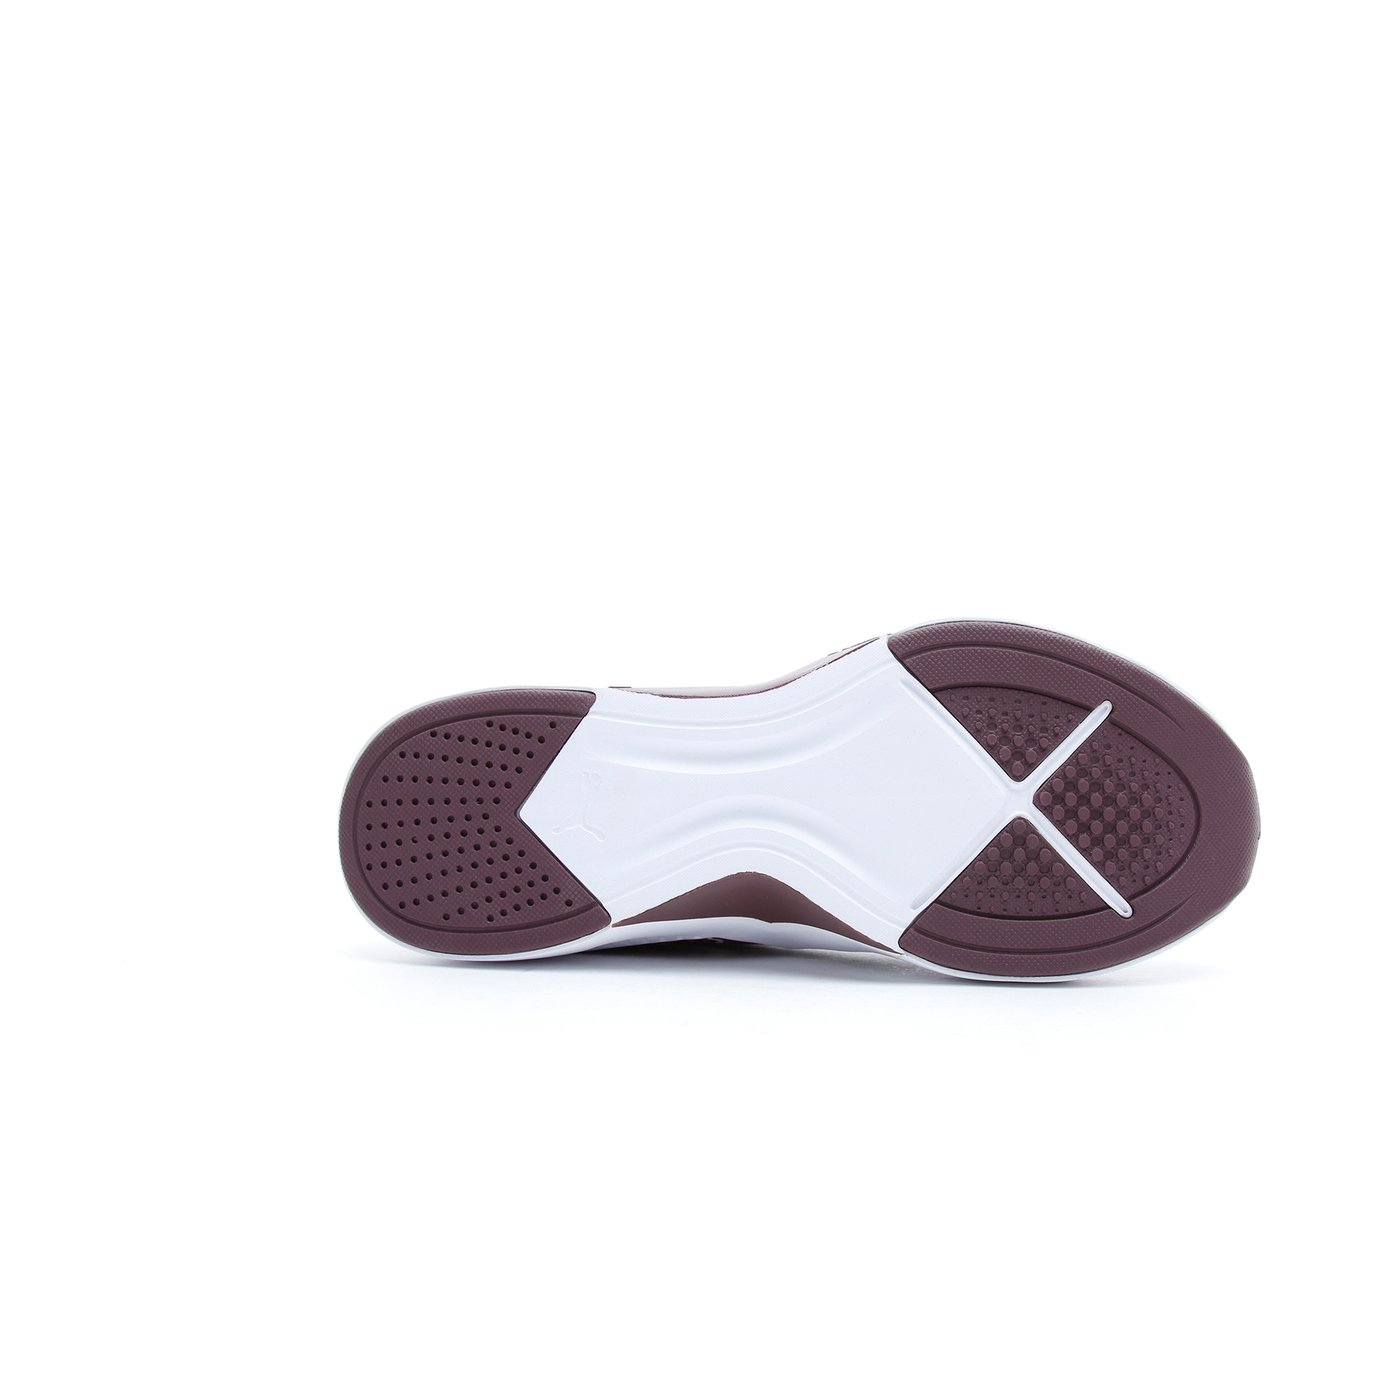 Puma Incite FS Kadın Bordo Spor Ayakkabı